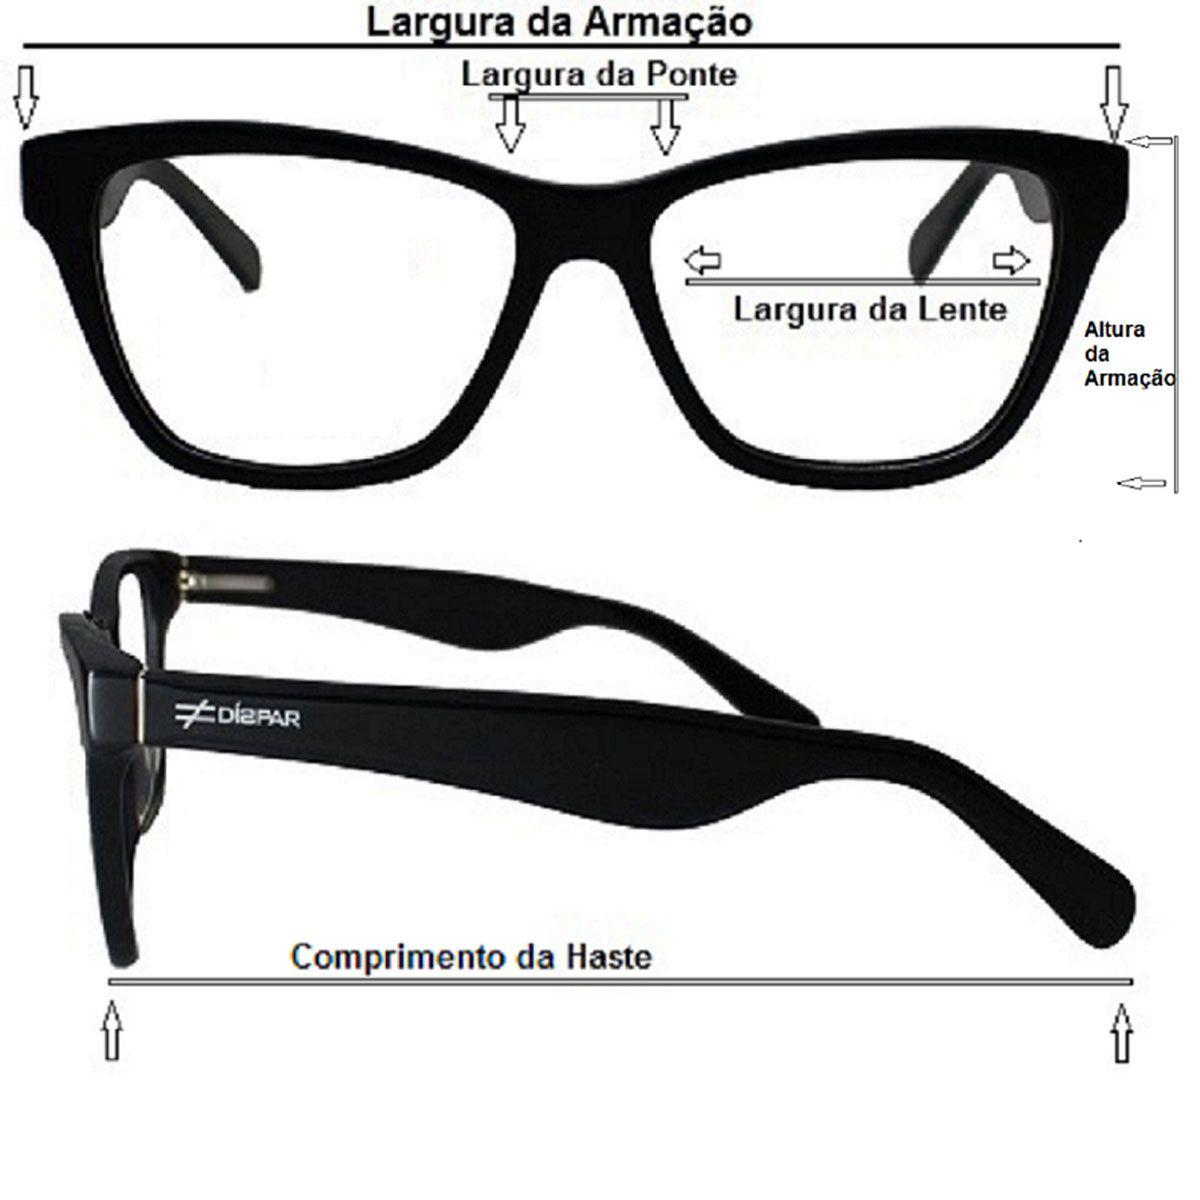 Óculos De Sol Díspar Infantil ID2040 Flexível Idade 6 a 9 anos - Crema